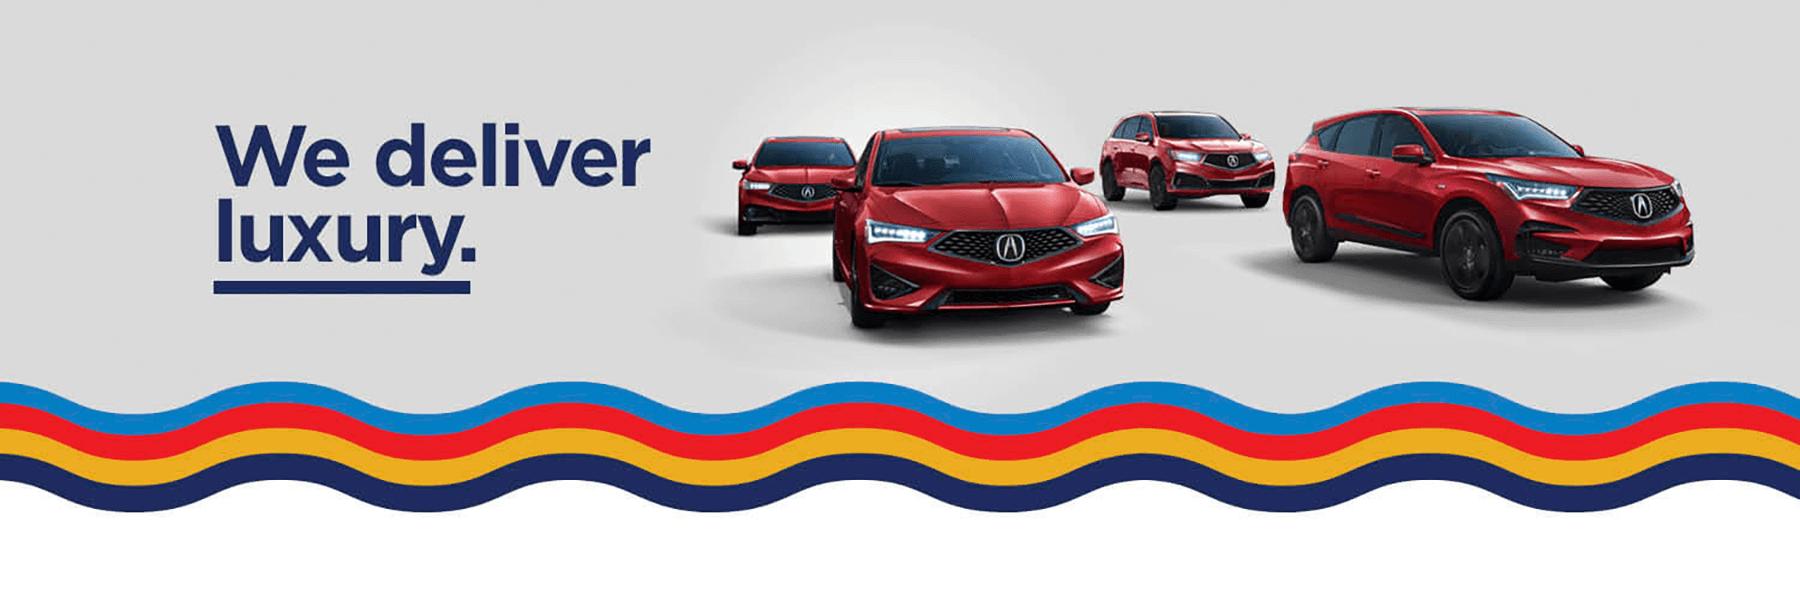 Vern Eide Motorcars We Deliver Luxury Slider